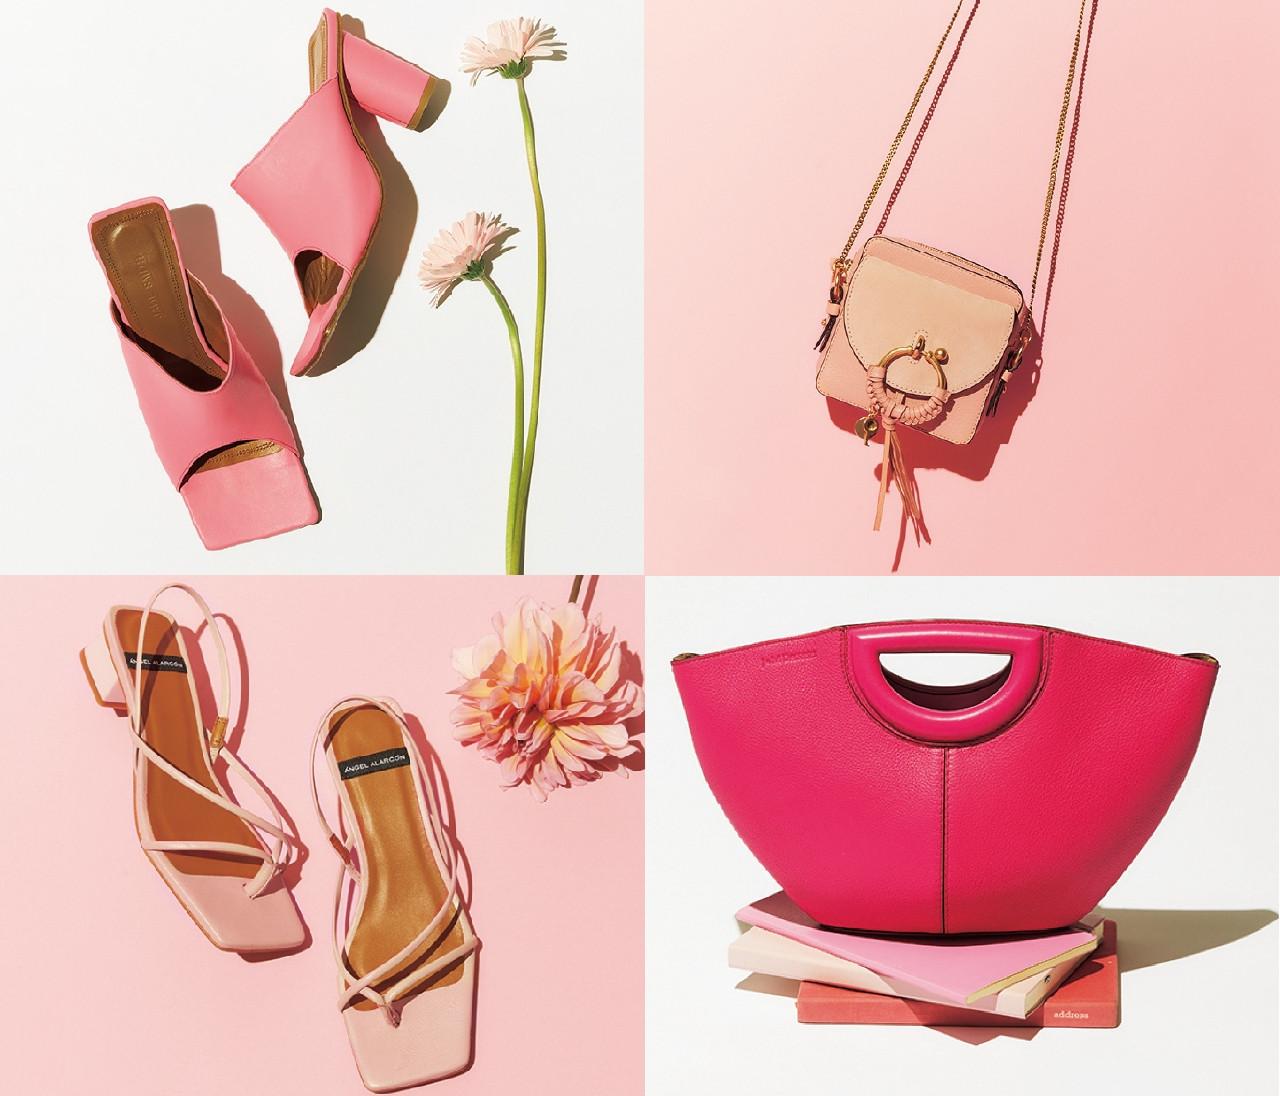 【春の靴&バッグ図鑑】大人に似合うピンクの靴&バッグ9選!